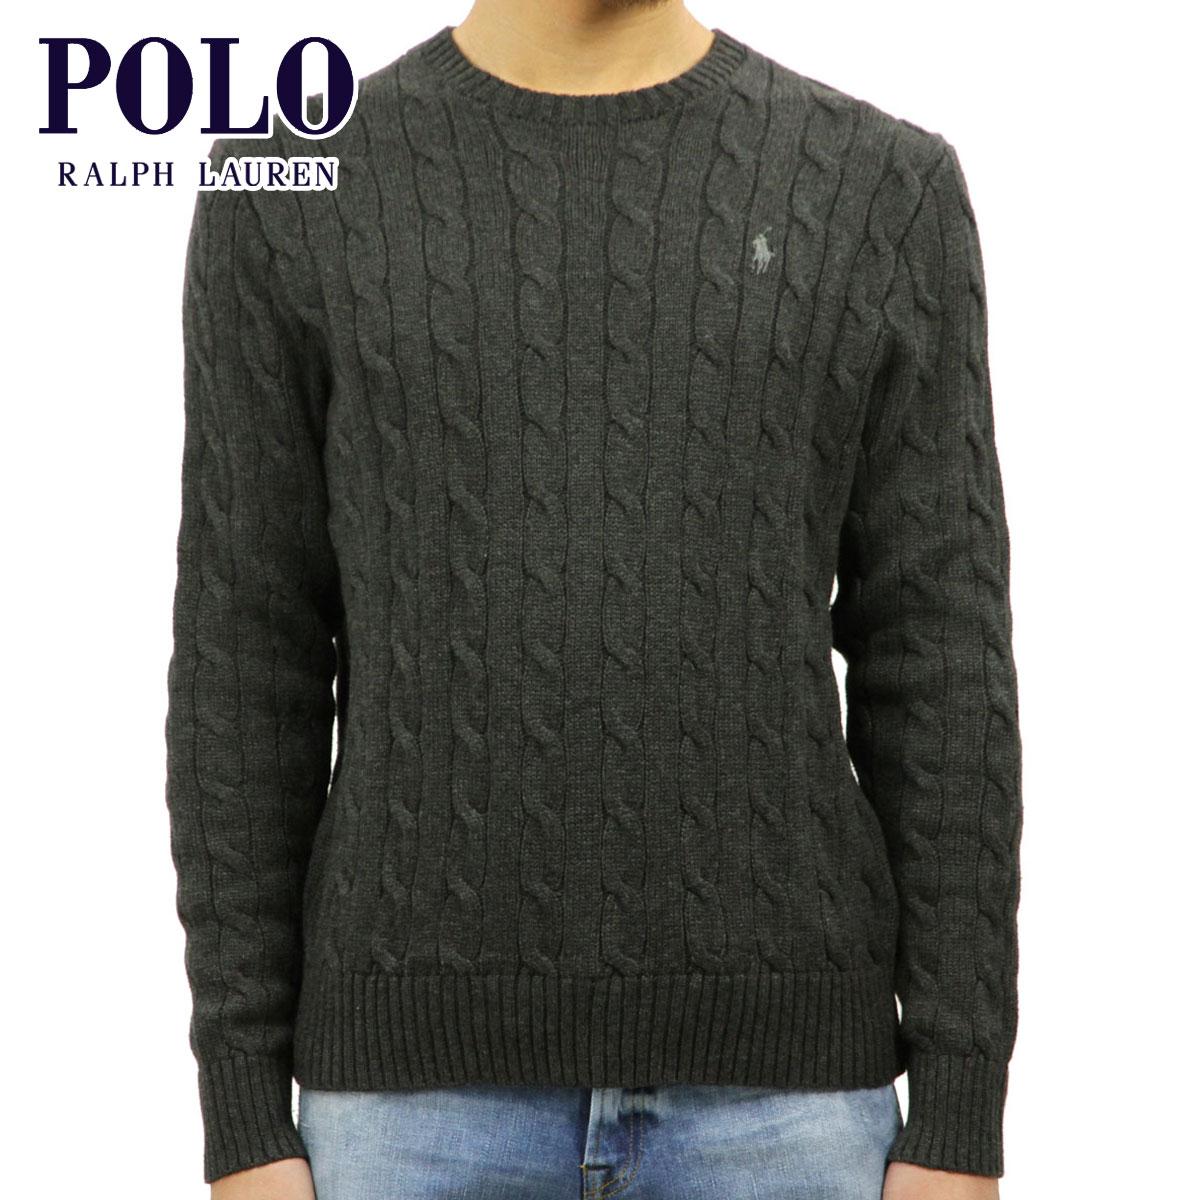 ポロ ラルフローレン POLO RALPH LAUREN 正規品 メンズ セーター CABLE-KNIT COTTON SWEATER